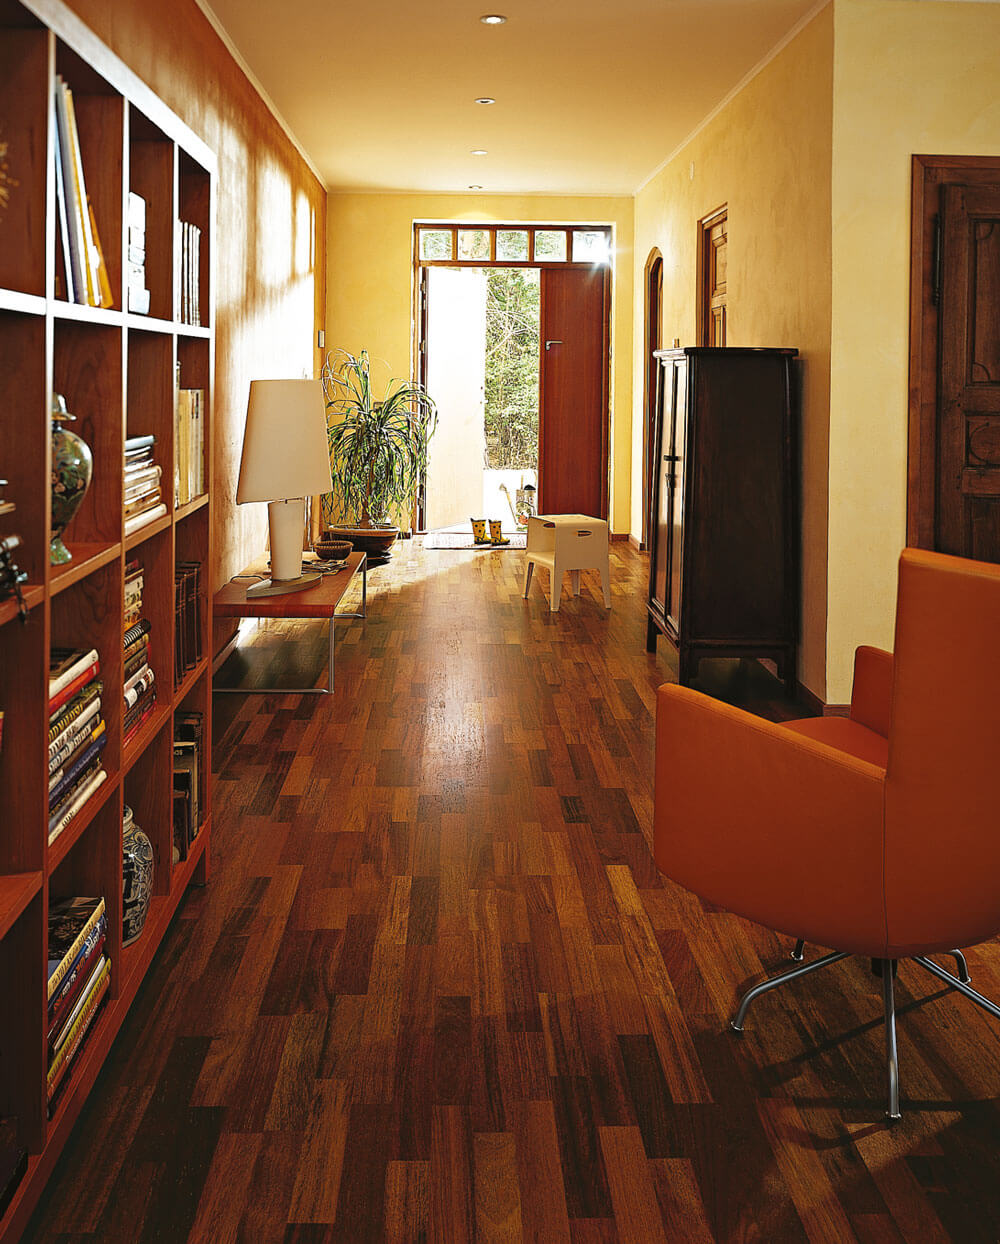 Boden Decke Wand Tischlerei Warrelmann